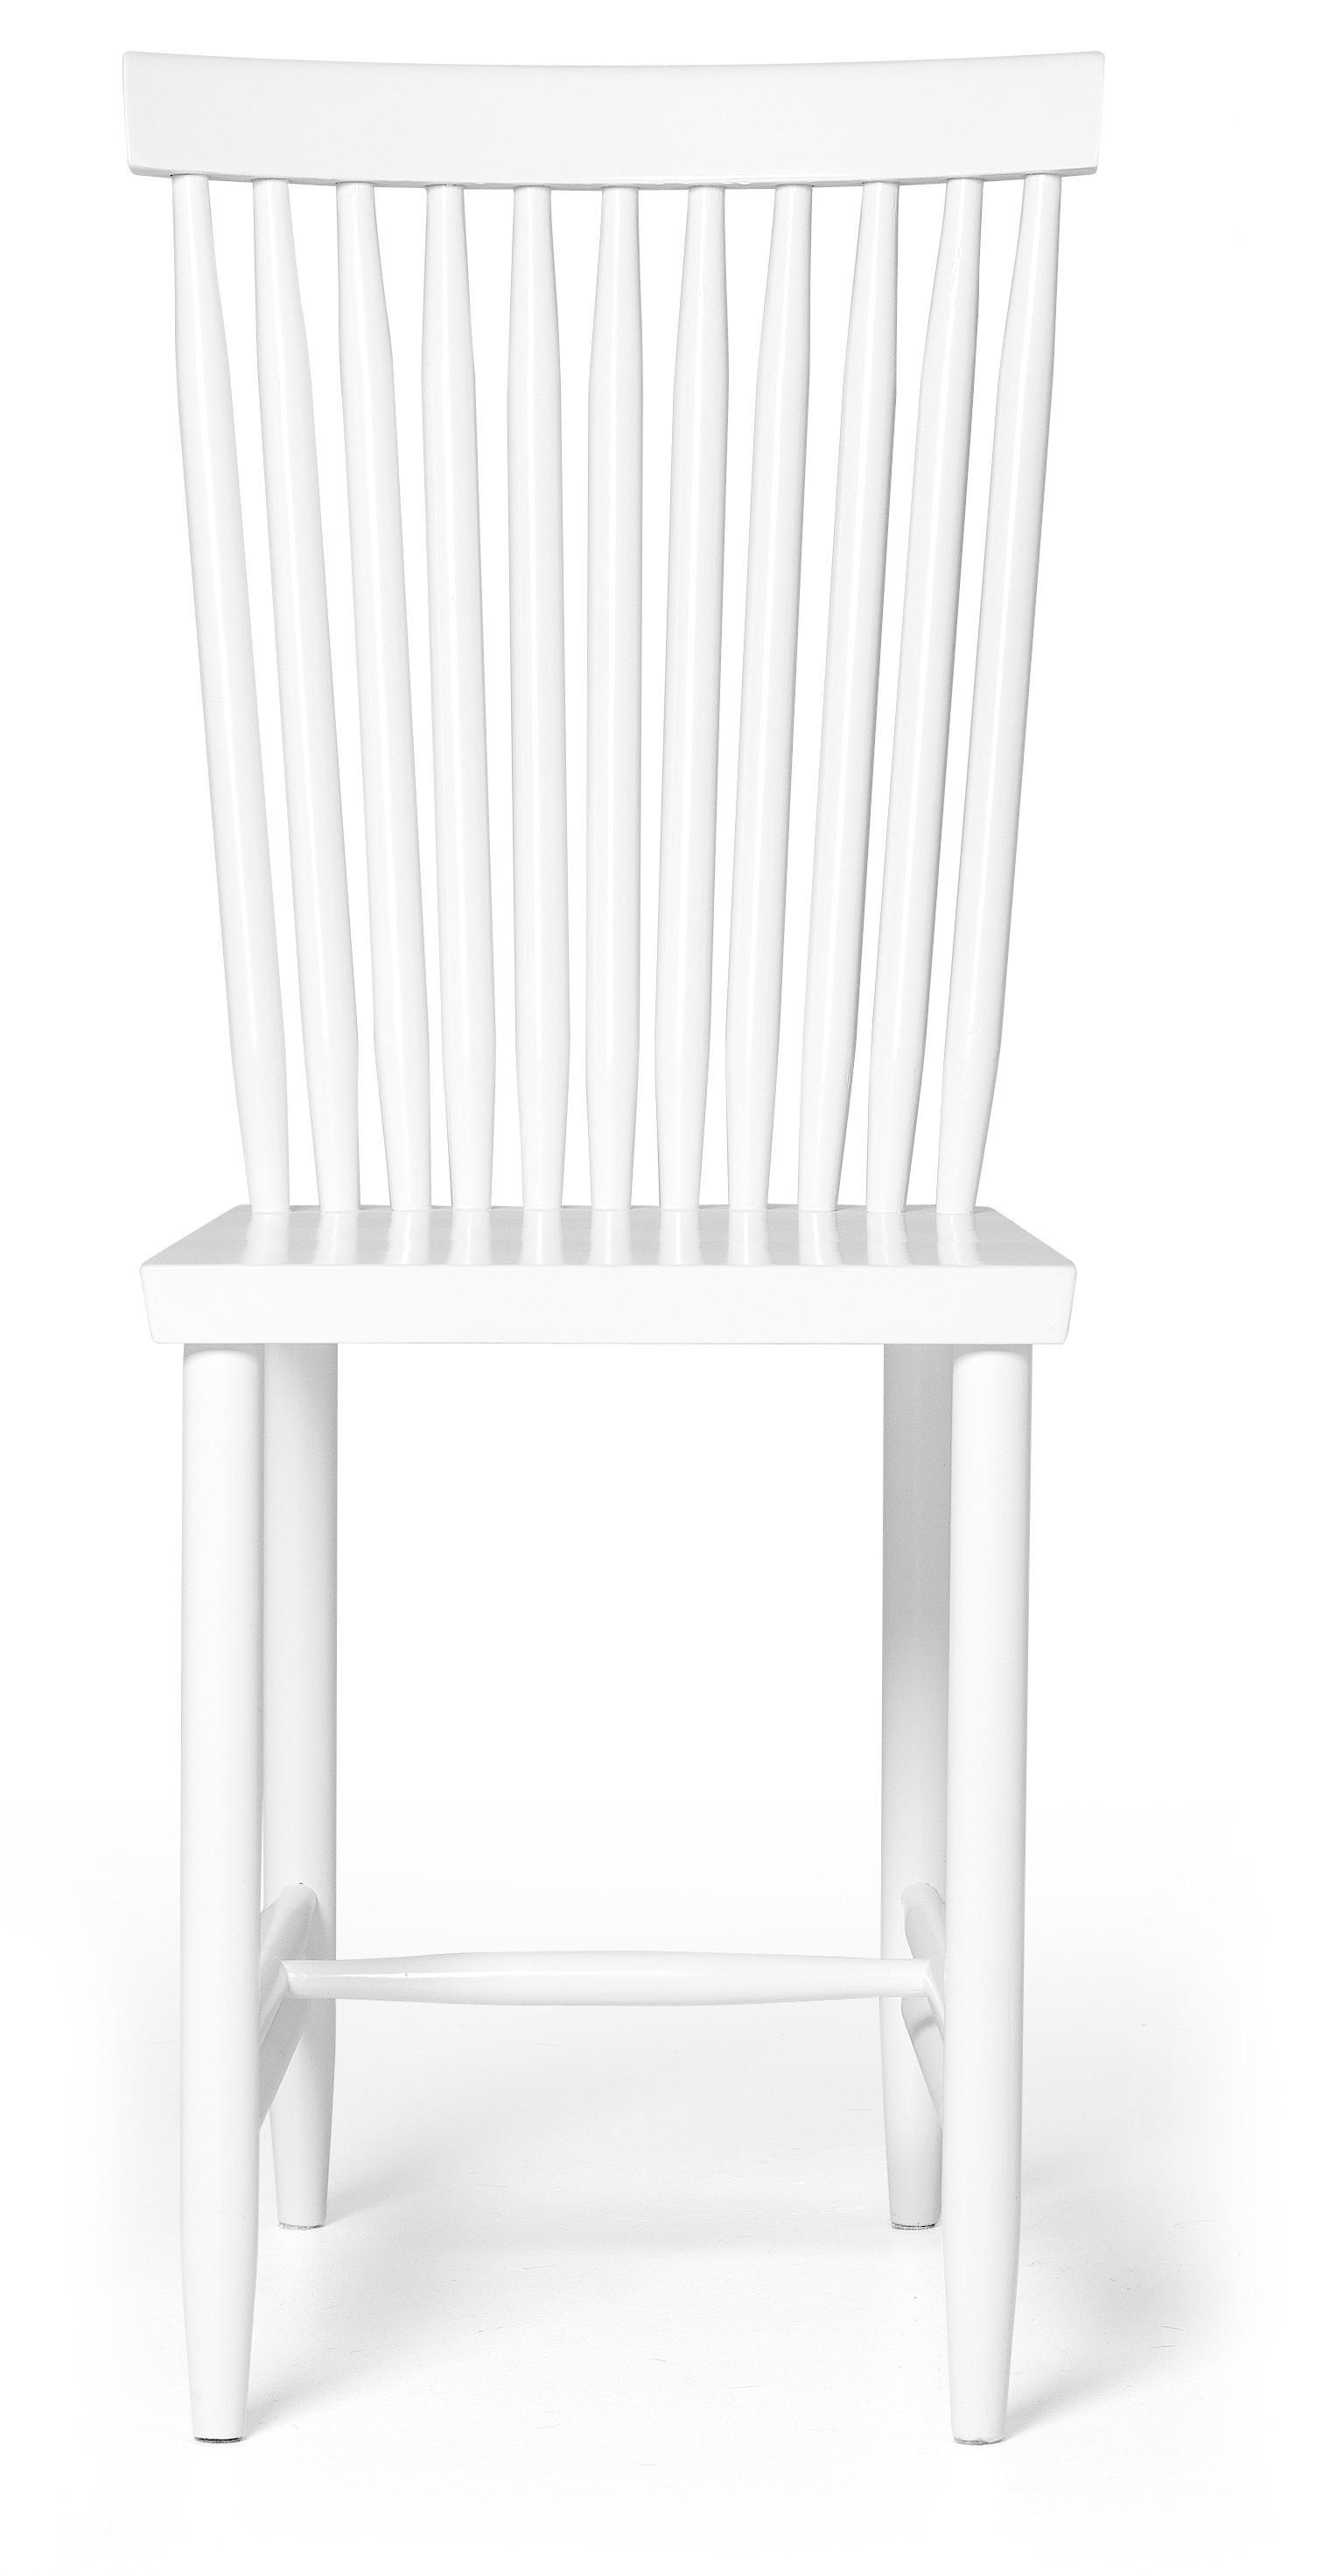 Design house stockholm sedia bianca newformsdesign for Sedia design bianca